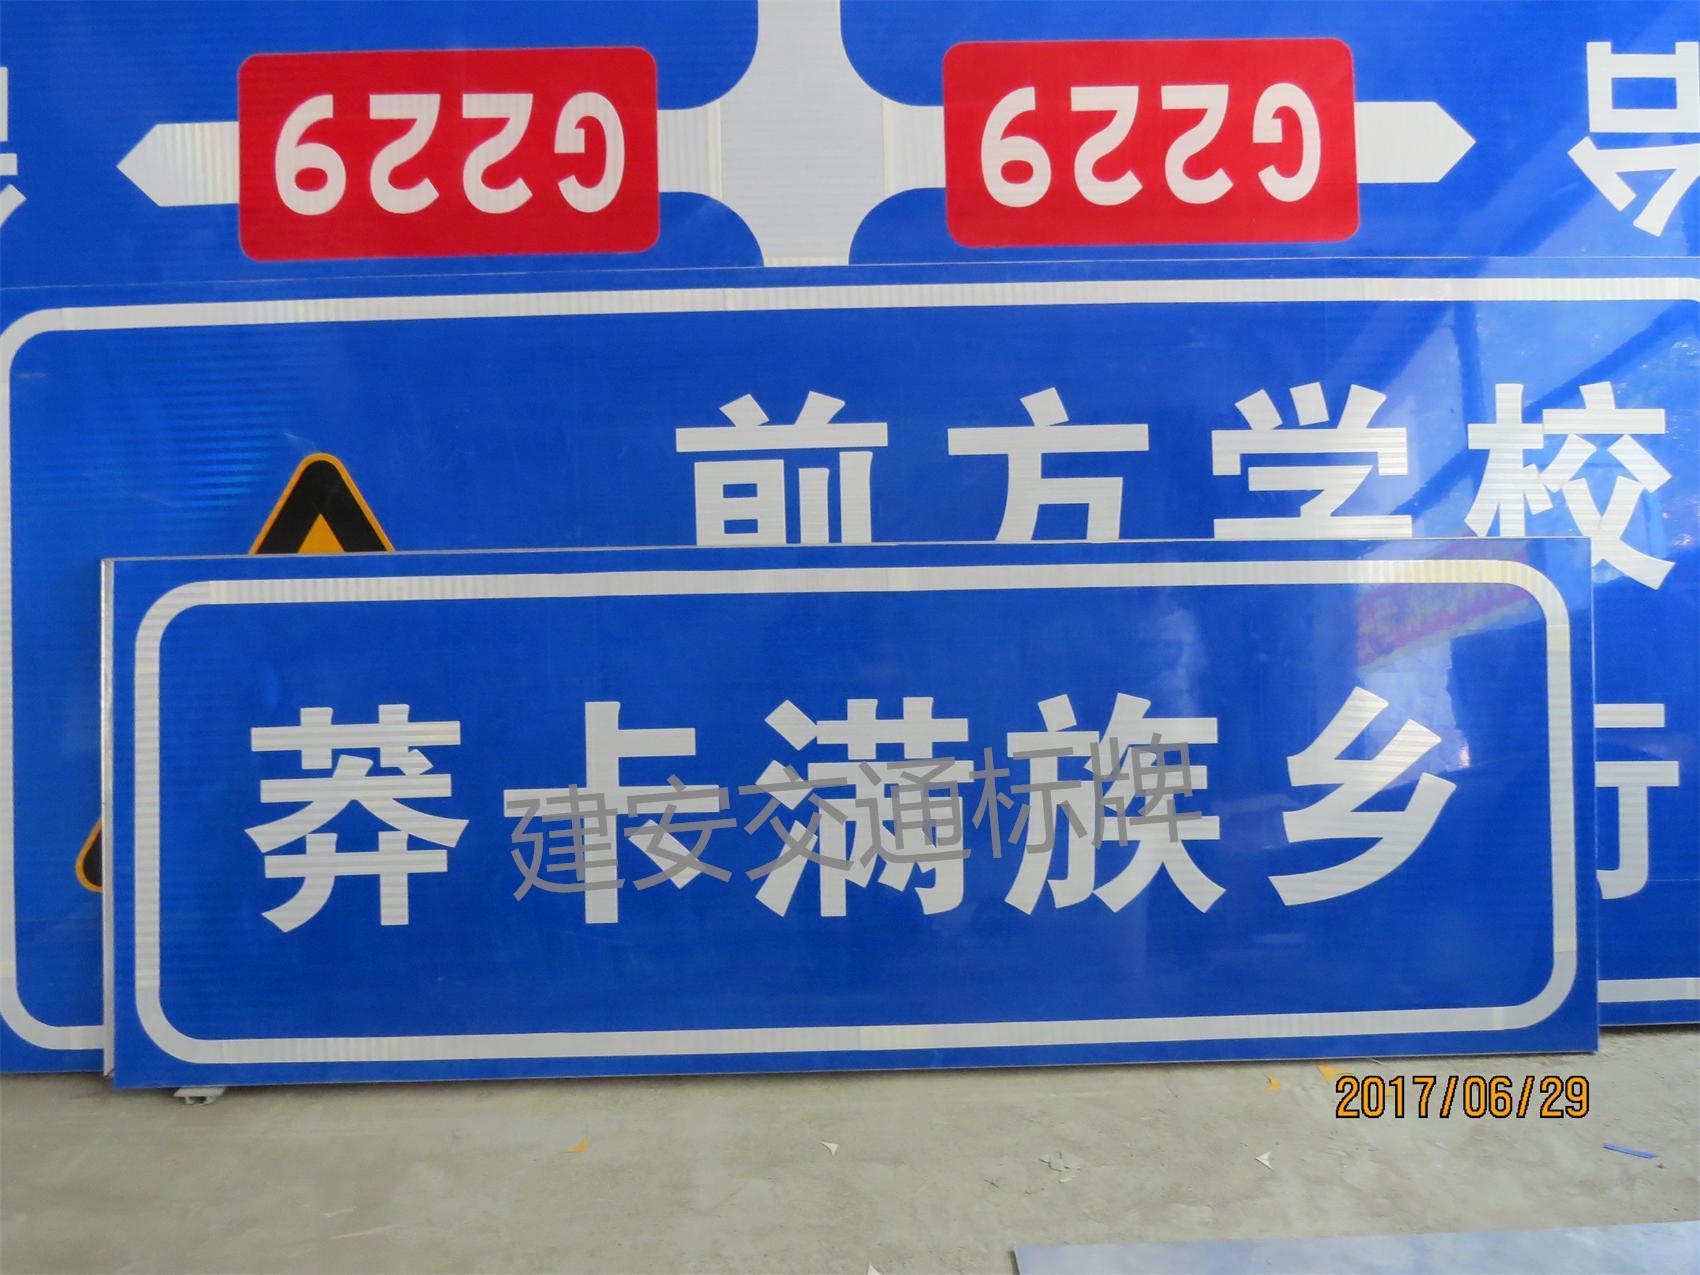 哈尔滨市交通标牌